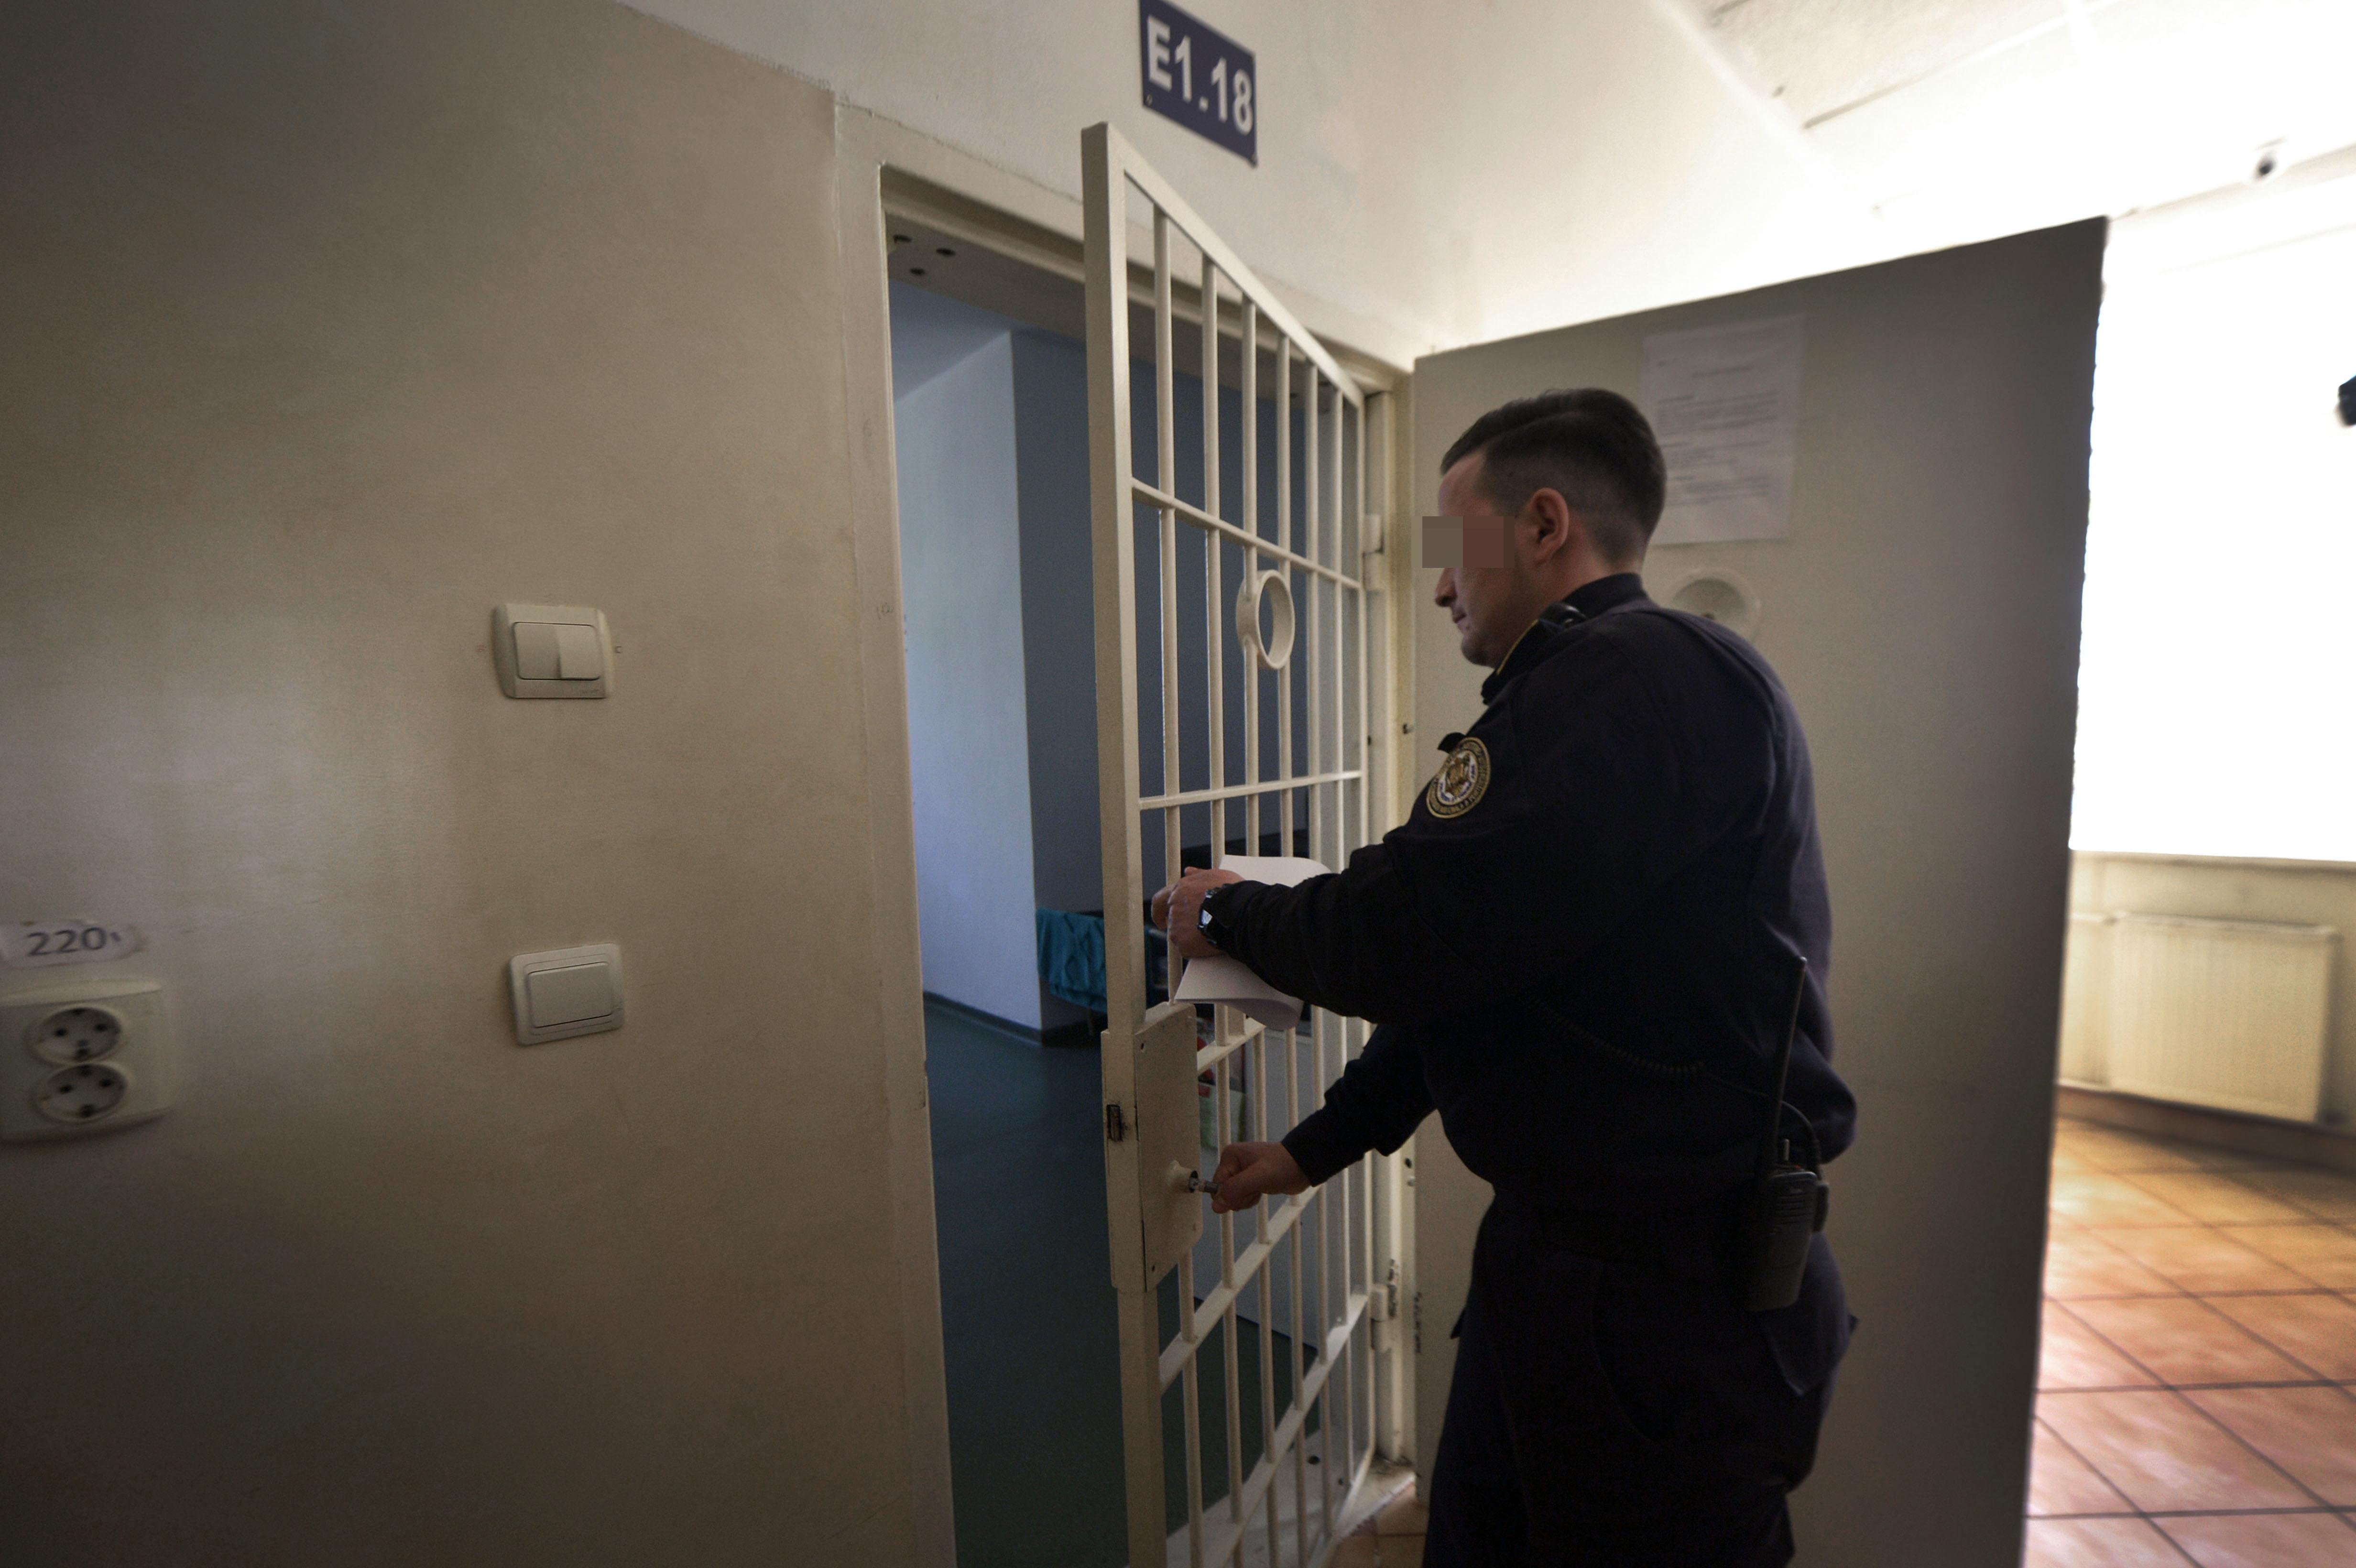 Sindicatele din PENITENCIARE avertizează că reducerea pedepselor pentru cei deţinuţi în condiţii improprii va duce la noi procese